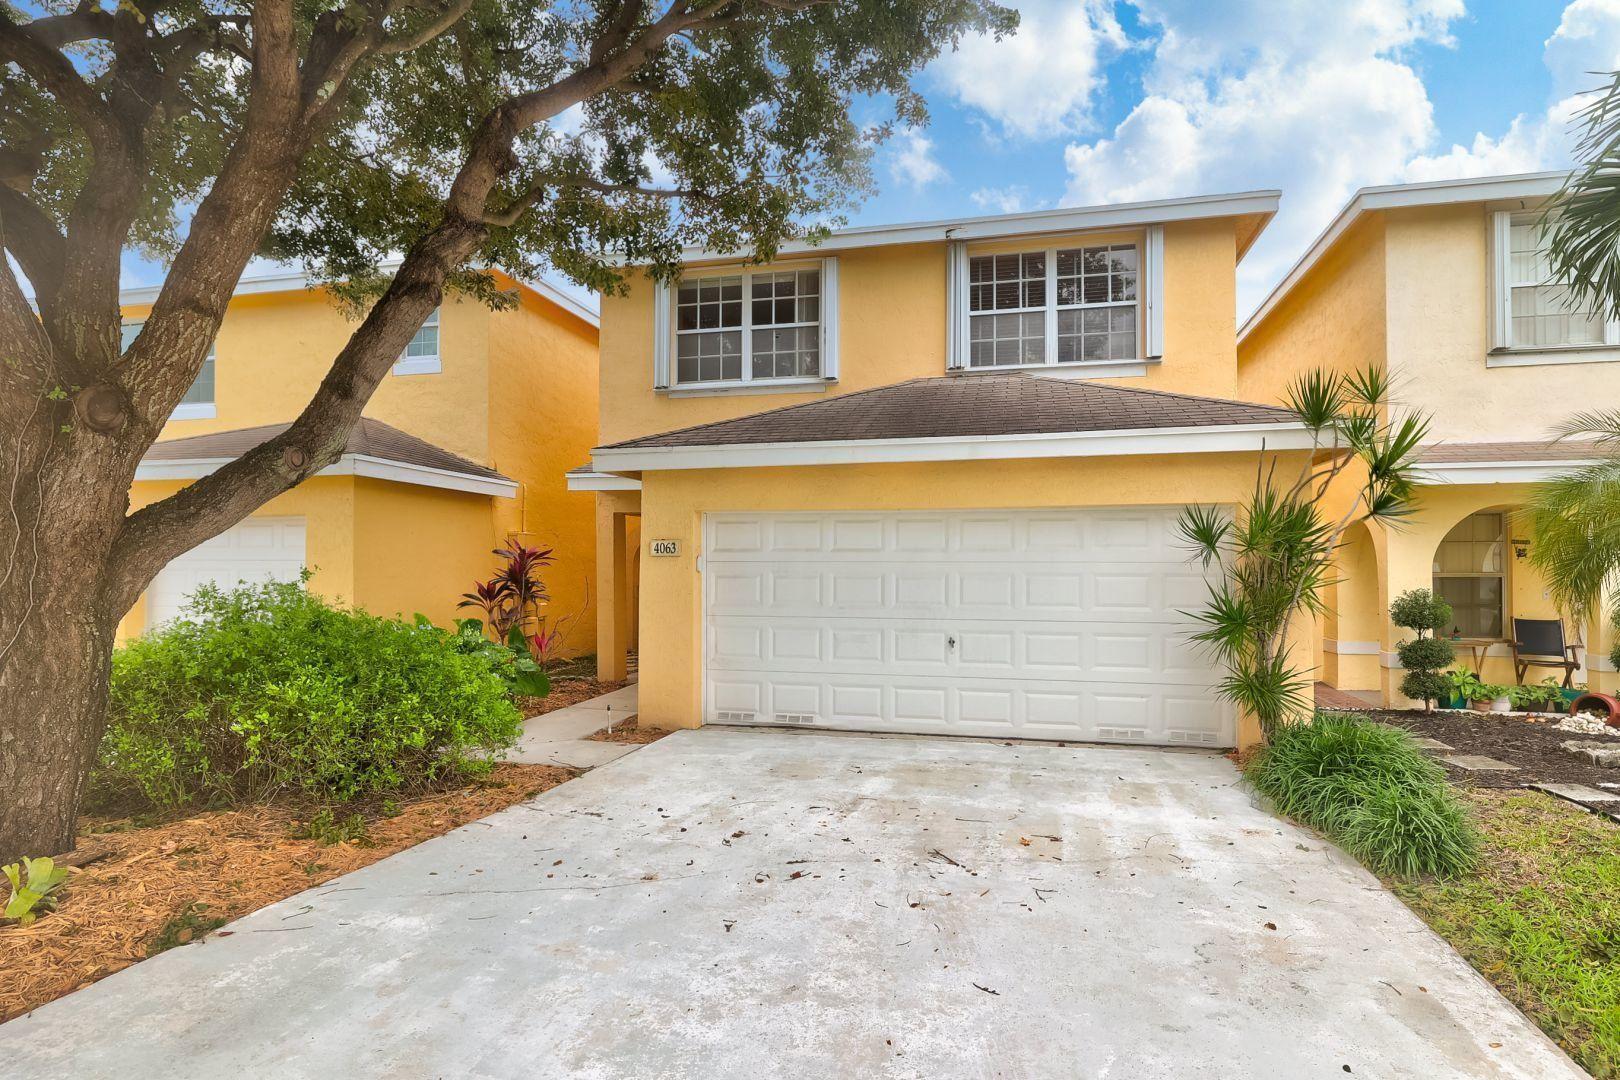 Photo of 4063 Eastridge Circle, Deerfield Beach, FL 33064 (MLS # RX-10670545)